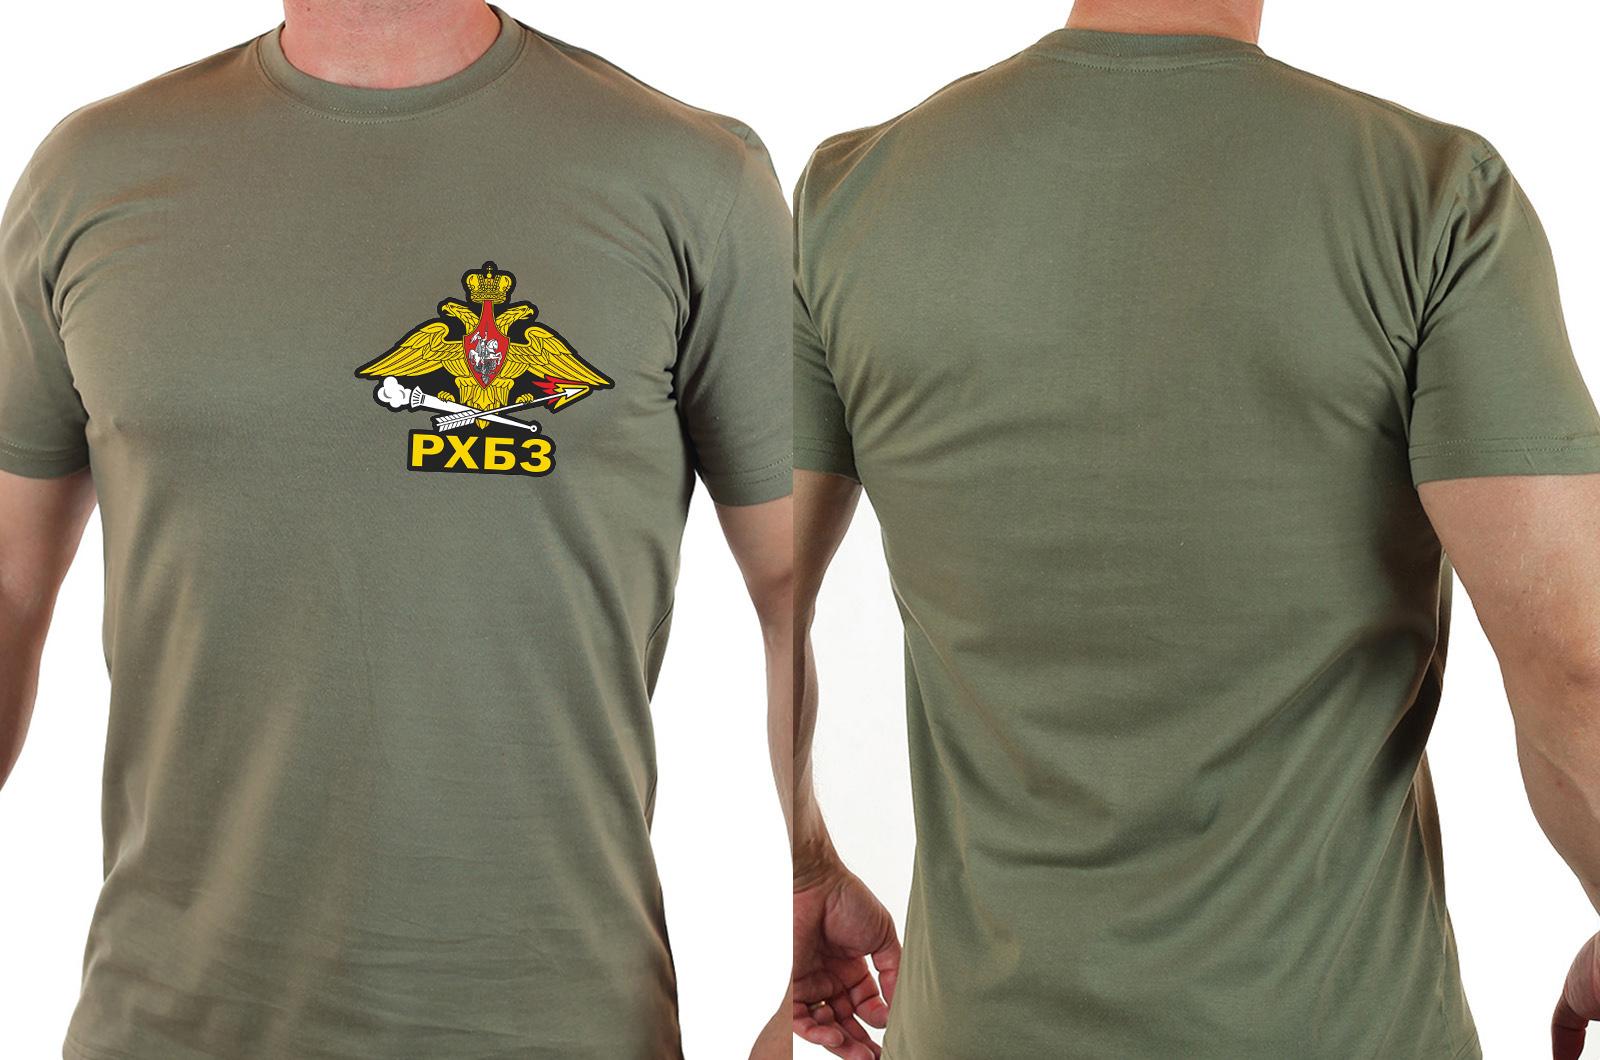 Армейская футболка РХБЗ с вышивкой на груди с доставкой